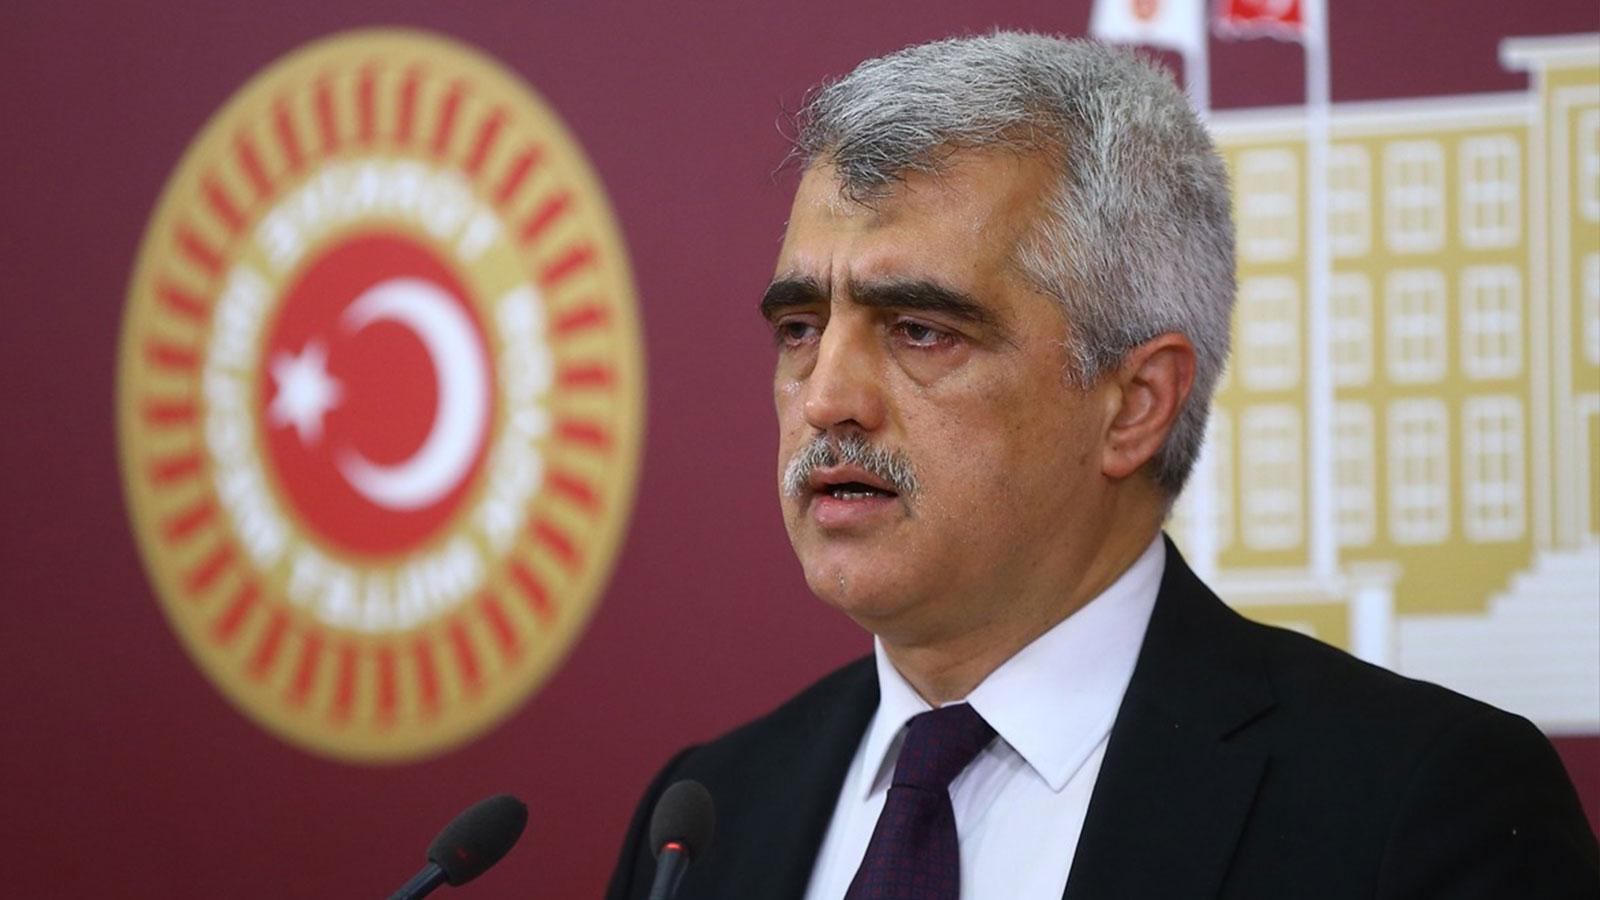 """Yargıtay'ın hapis cezasını onadığı HDP'li Gergerlioğlu, """"ifade özgürlüğünün ihlal edildiği"""" gerekçesiyle AYM'ye başvurdu"""